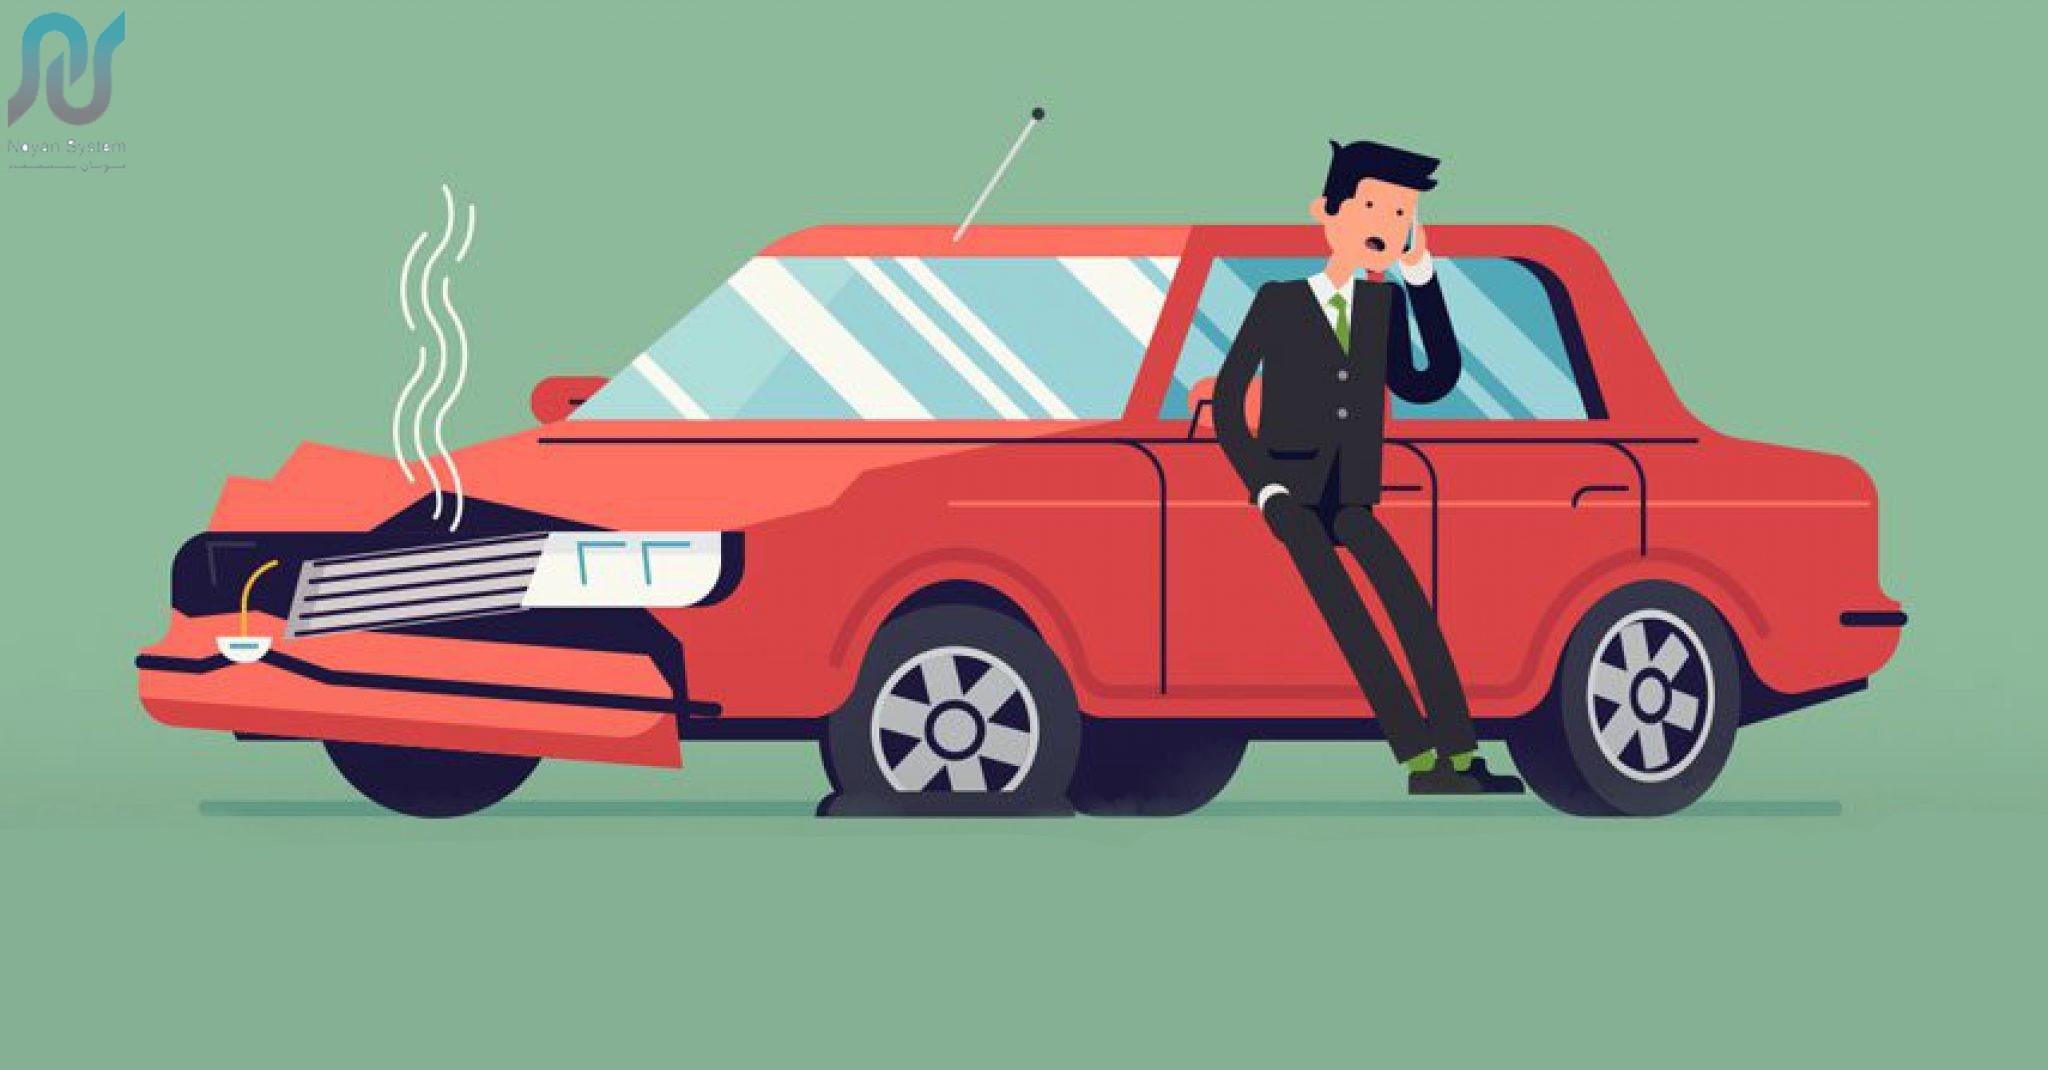 نرخ فرانشیز بیمه بدنه